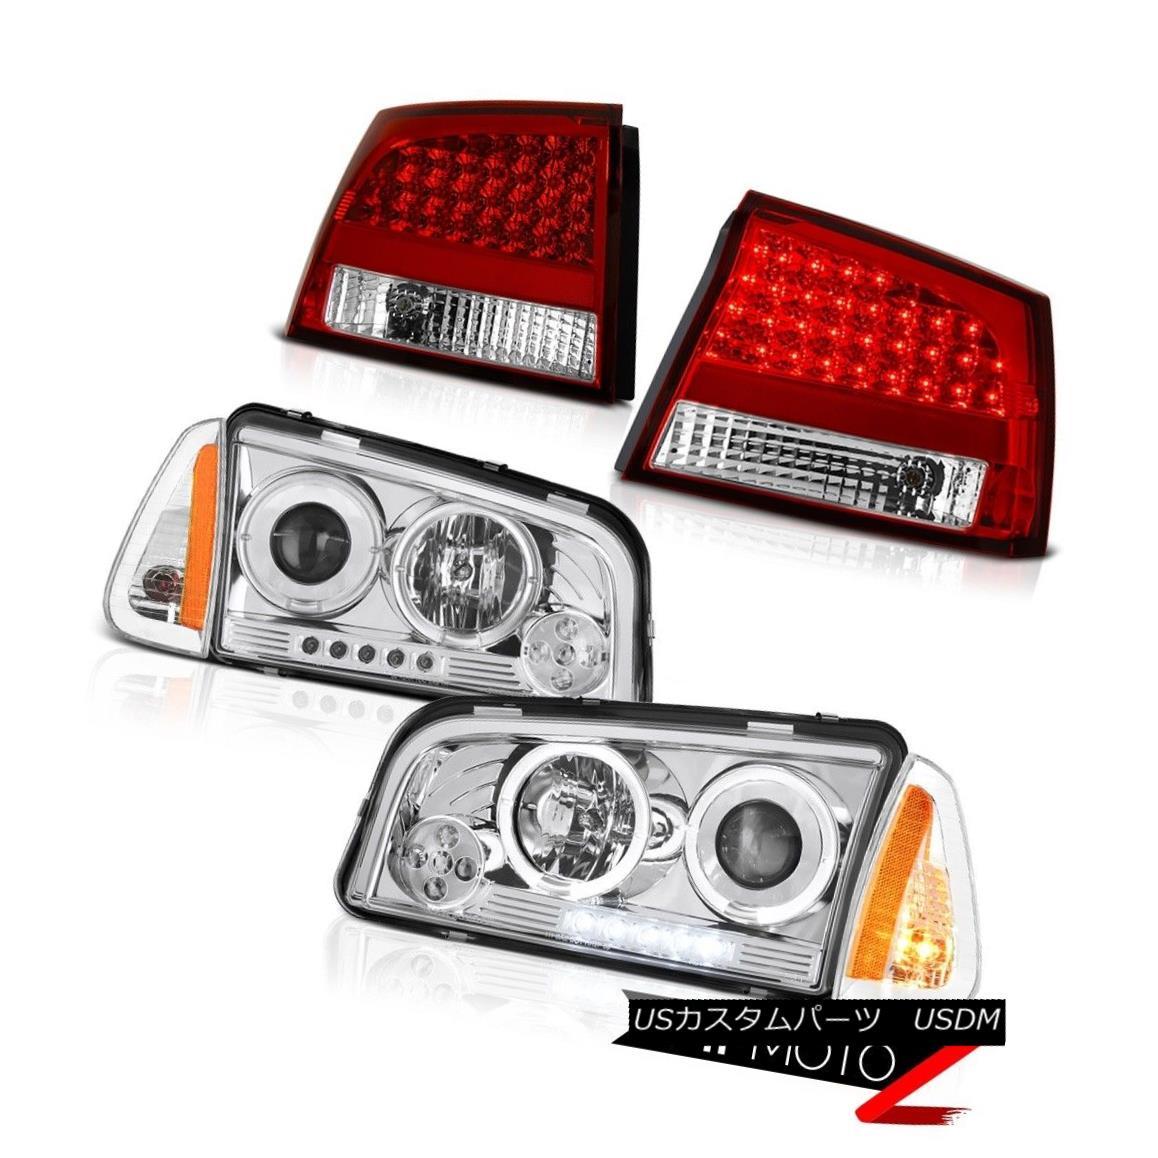 ヘッドライト 06-08 Dodge Charger Super Bee Bloody red tail brake lamps turn signal headlights 06-08ダッジチャージャースーパービーブラッディー赤いテールブレーキランプ信号ヘッドライトを回す